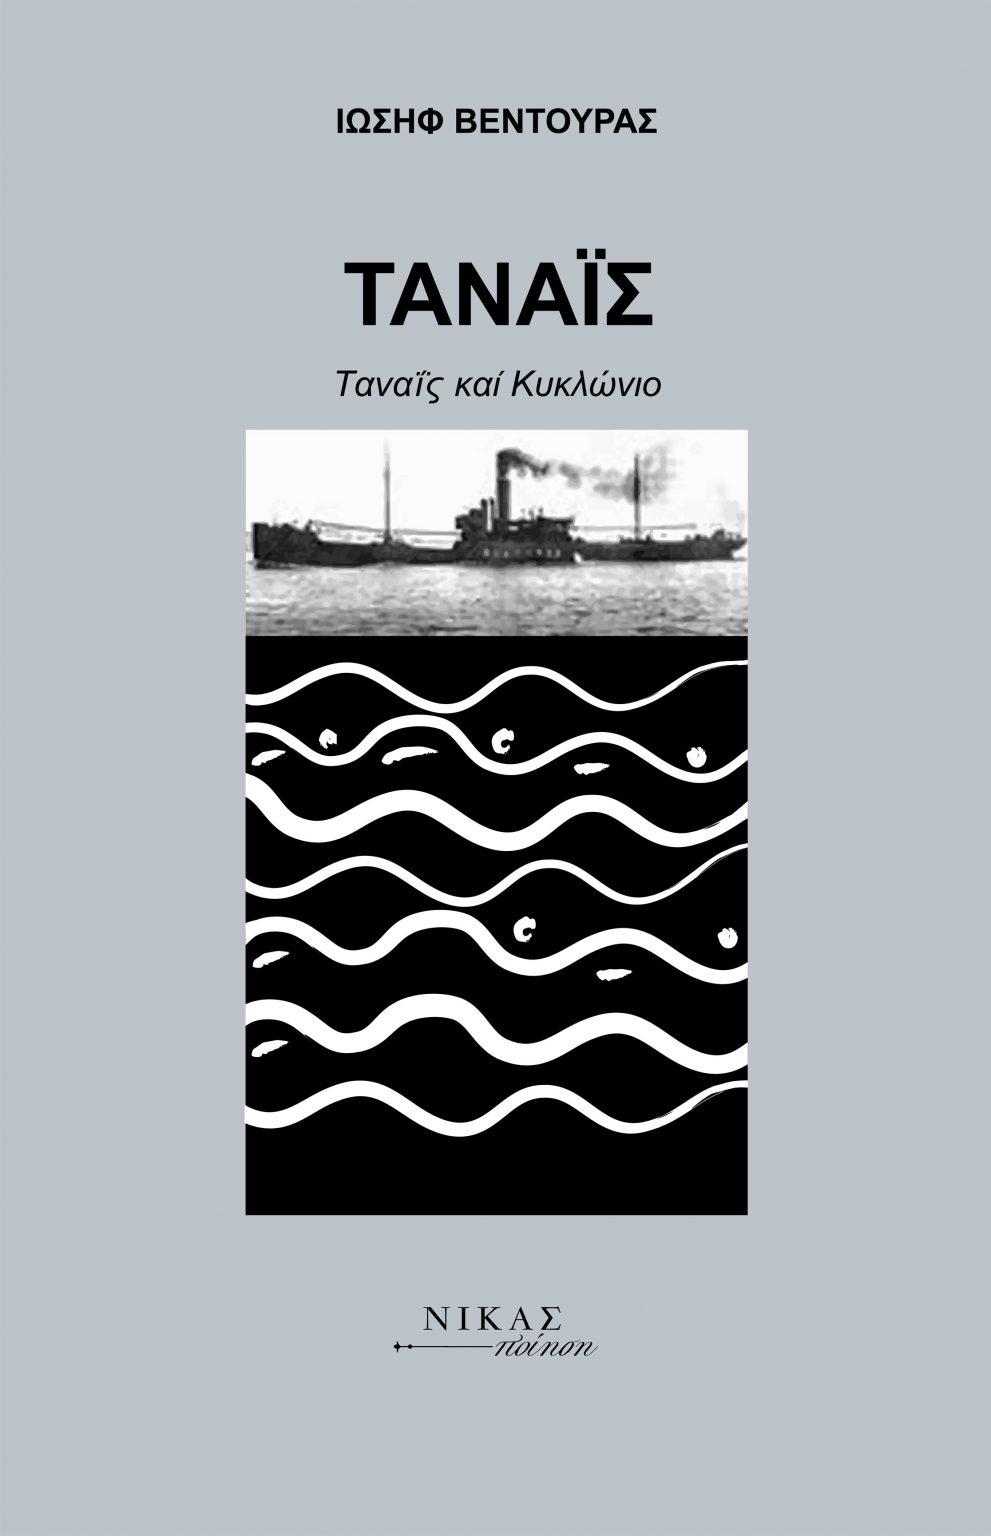 Ταναϊς, Ταναϊς και Κυκλώνιο, Βεντούρας, Ιωσήφ, Νίκας / Ελληνική Παιδεία Α.Ε., 2020